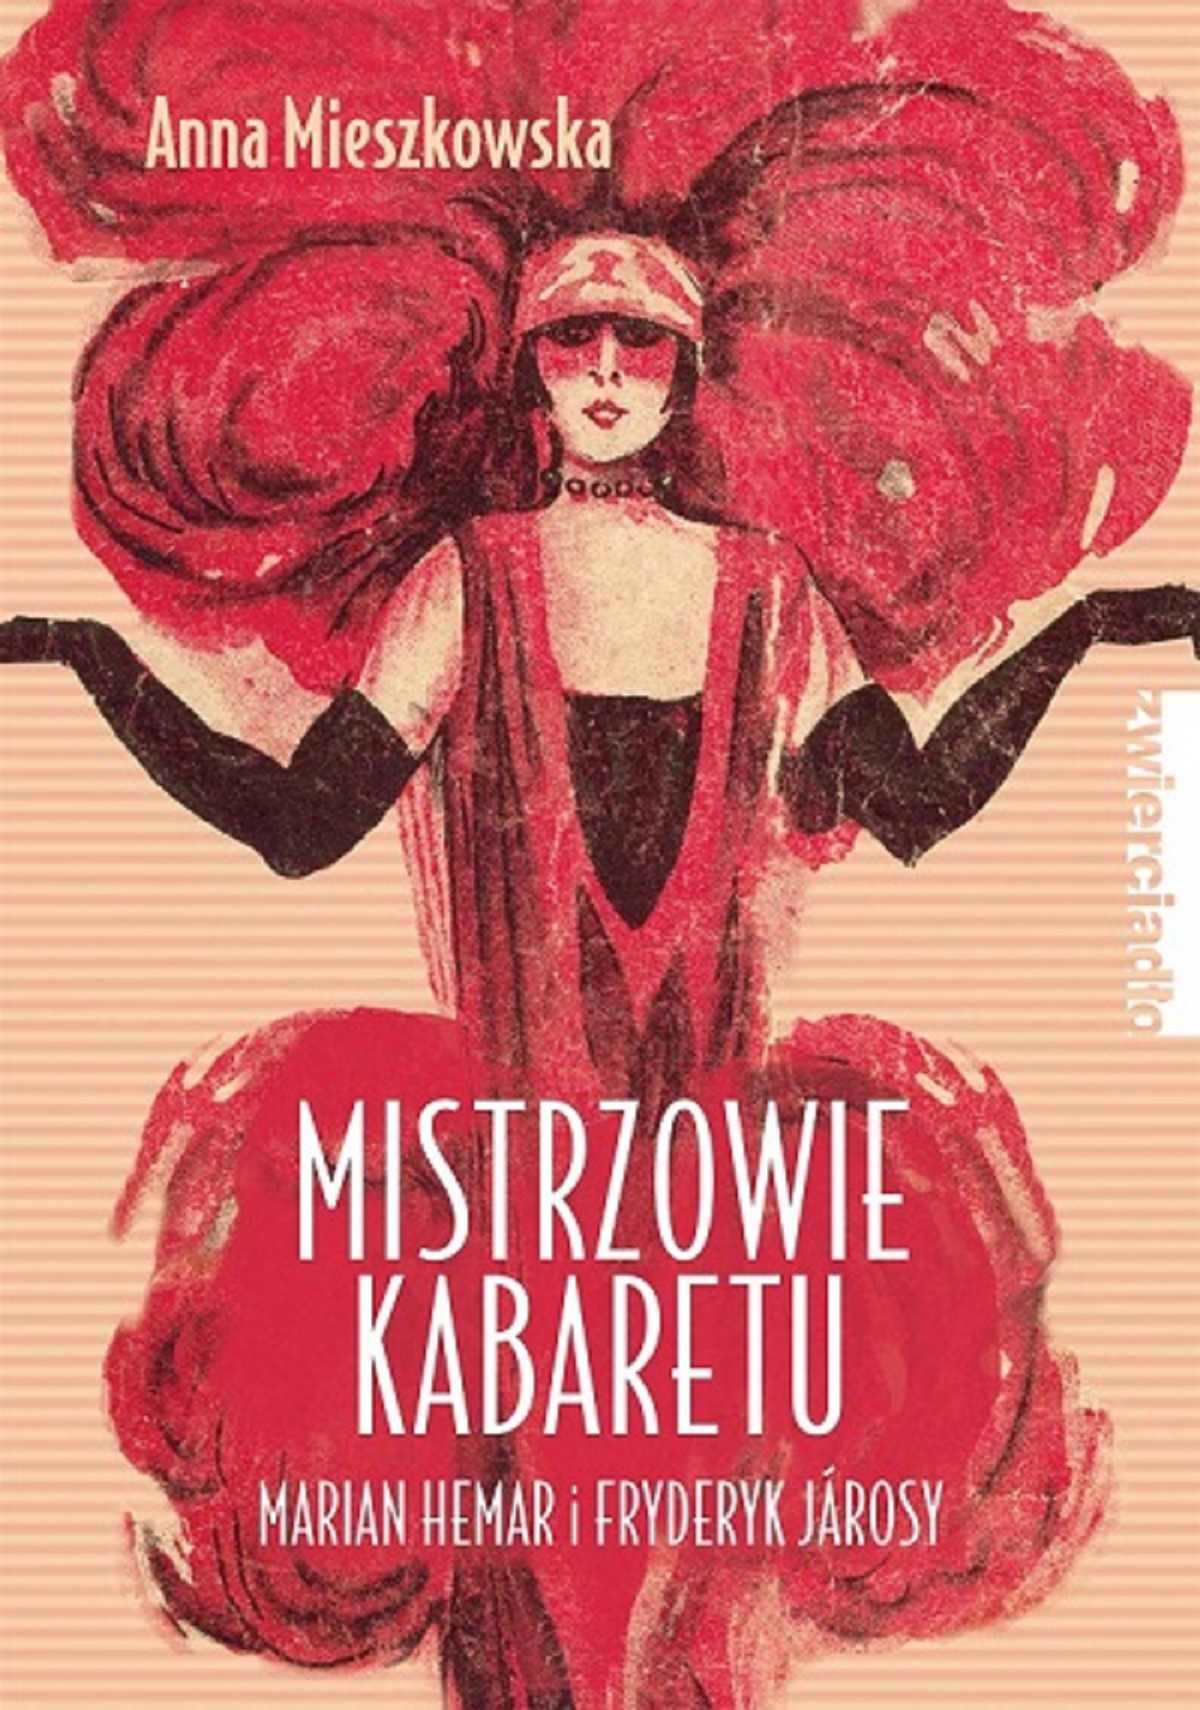 Mistrzowie kabaretu. Marian Hemar i Fryderyk Jarosy - Ebook (Książka na Kindle) do pobrania w formacie MOBI